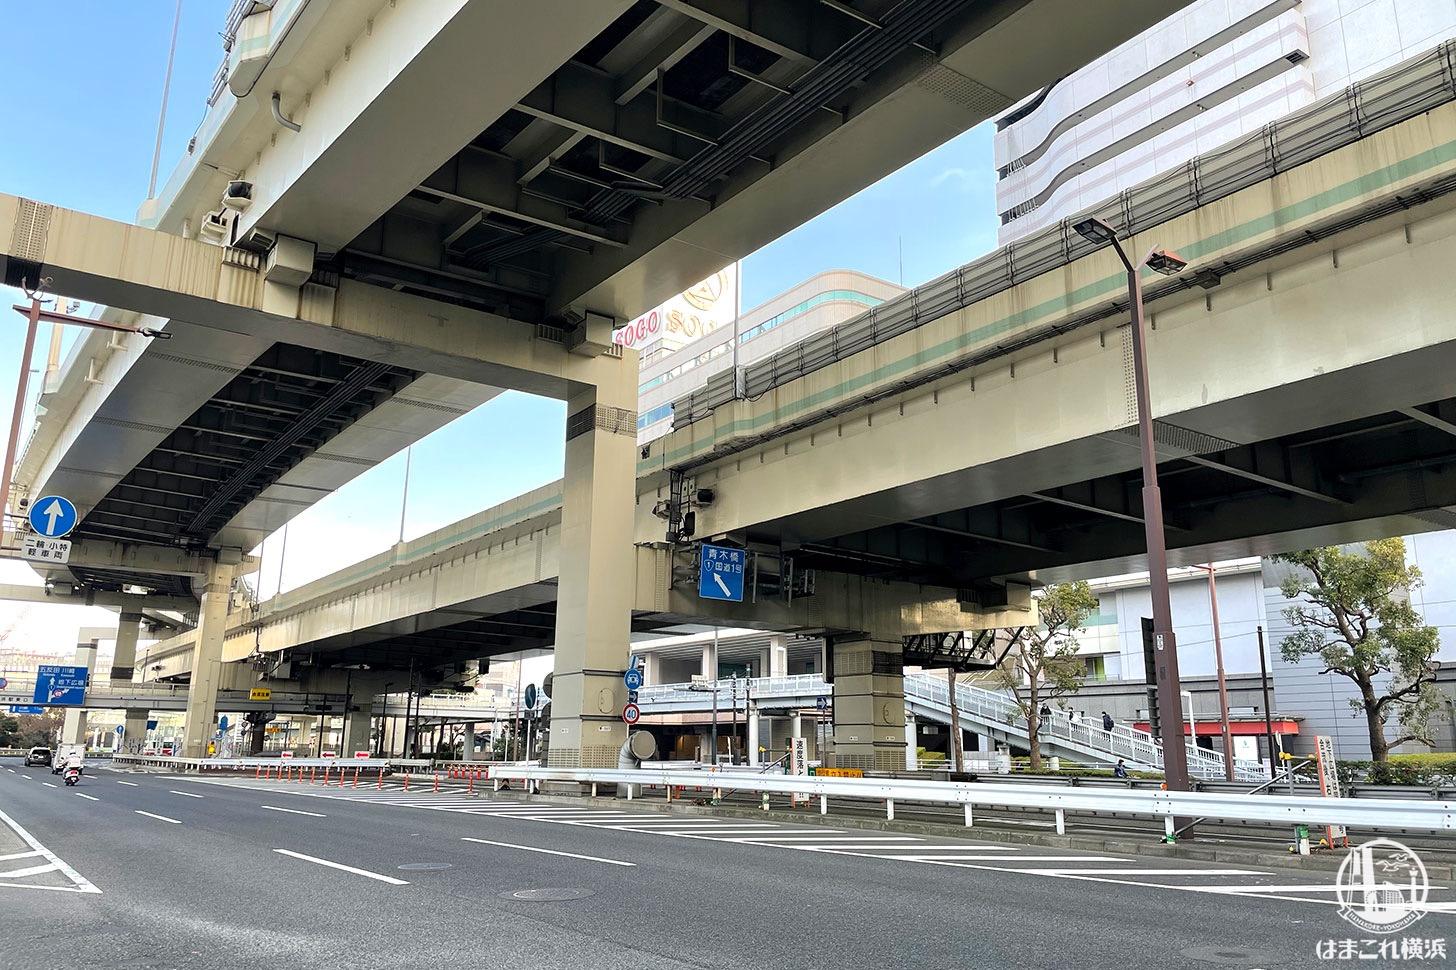 2021年 箱根駅伝による横浜駅周辺の交通規制、規制時間と場所